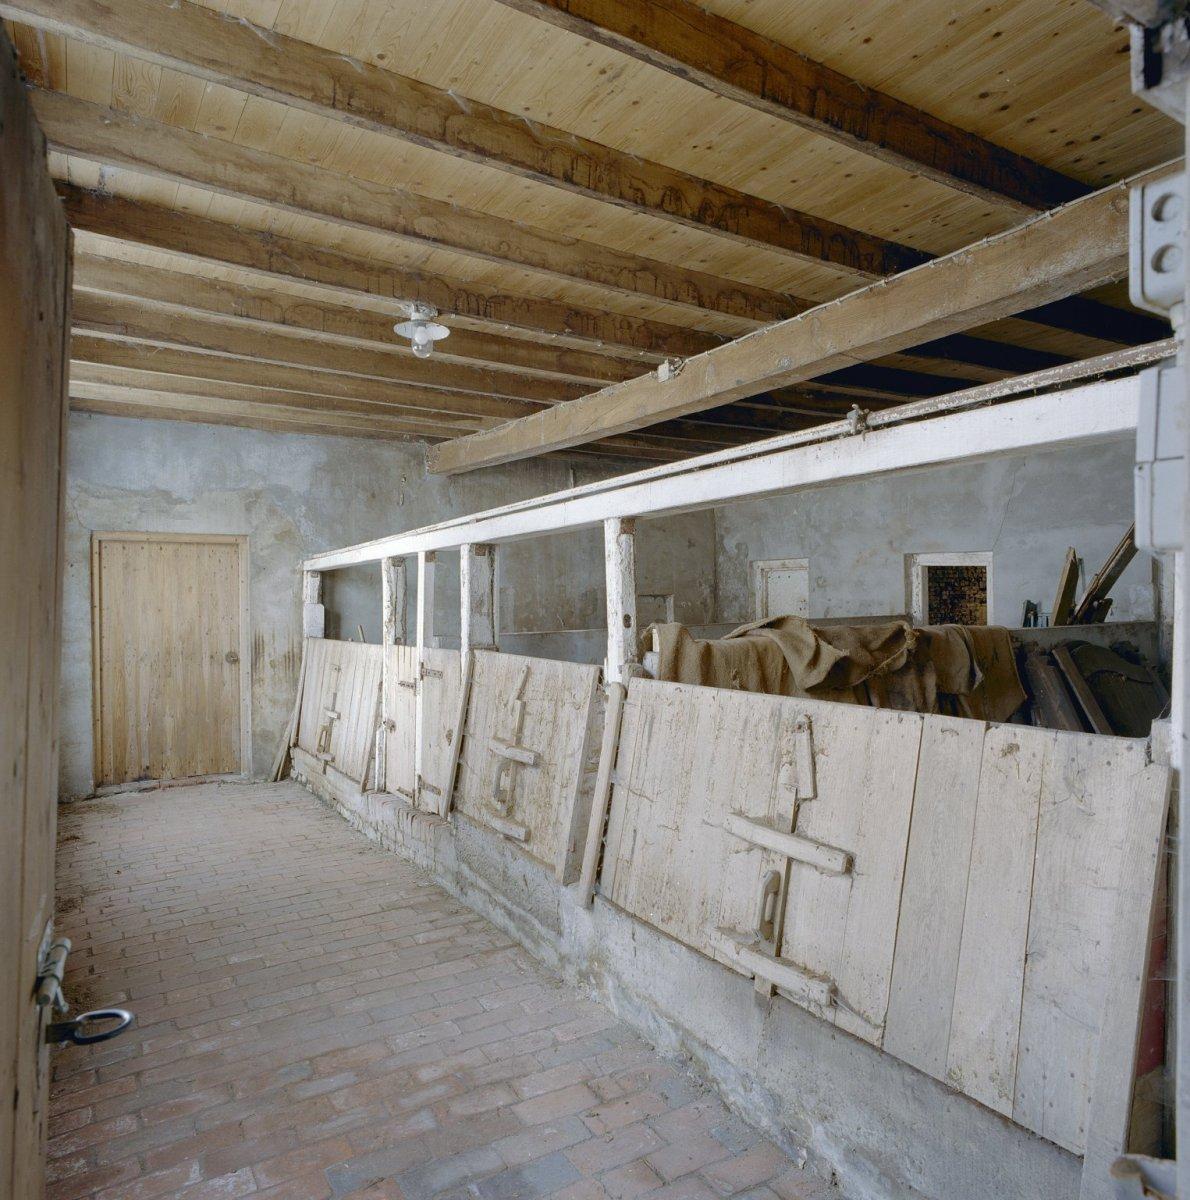 File:Interieur, varkensstallen, naast de deel - Winterswijk ...